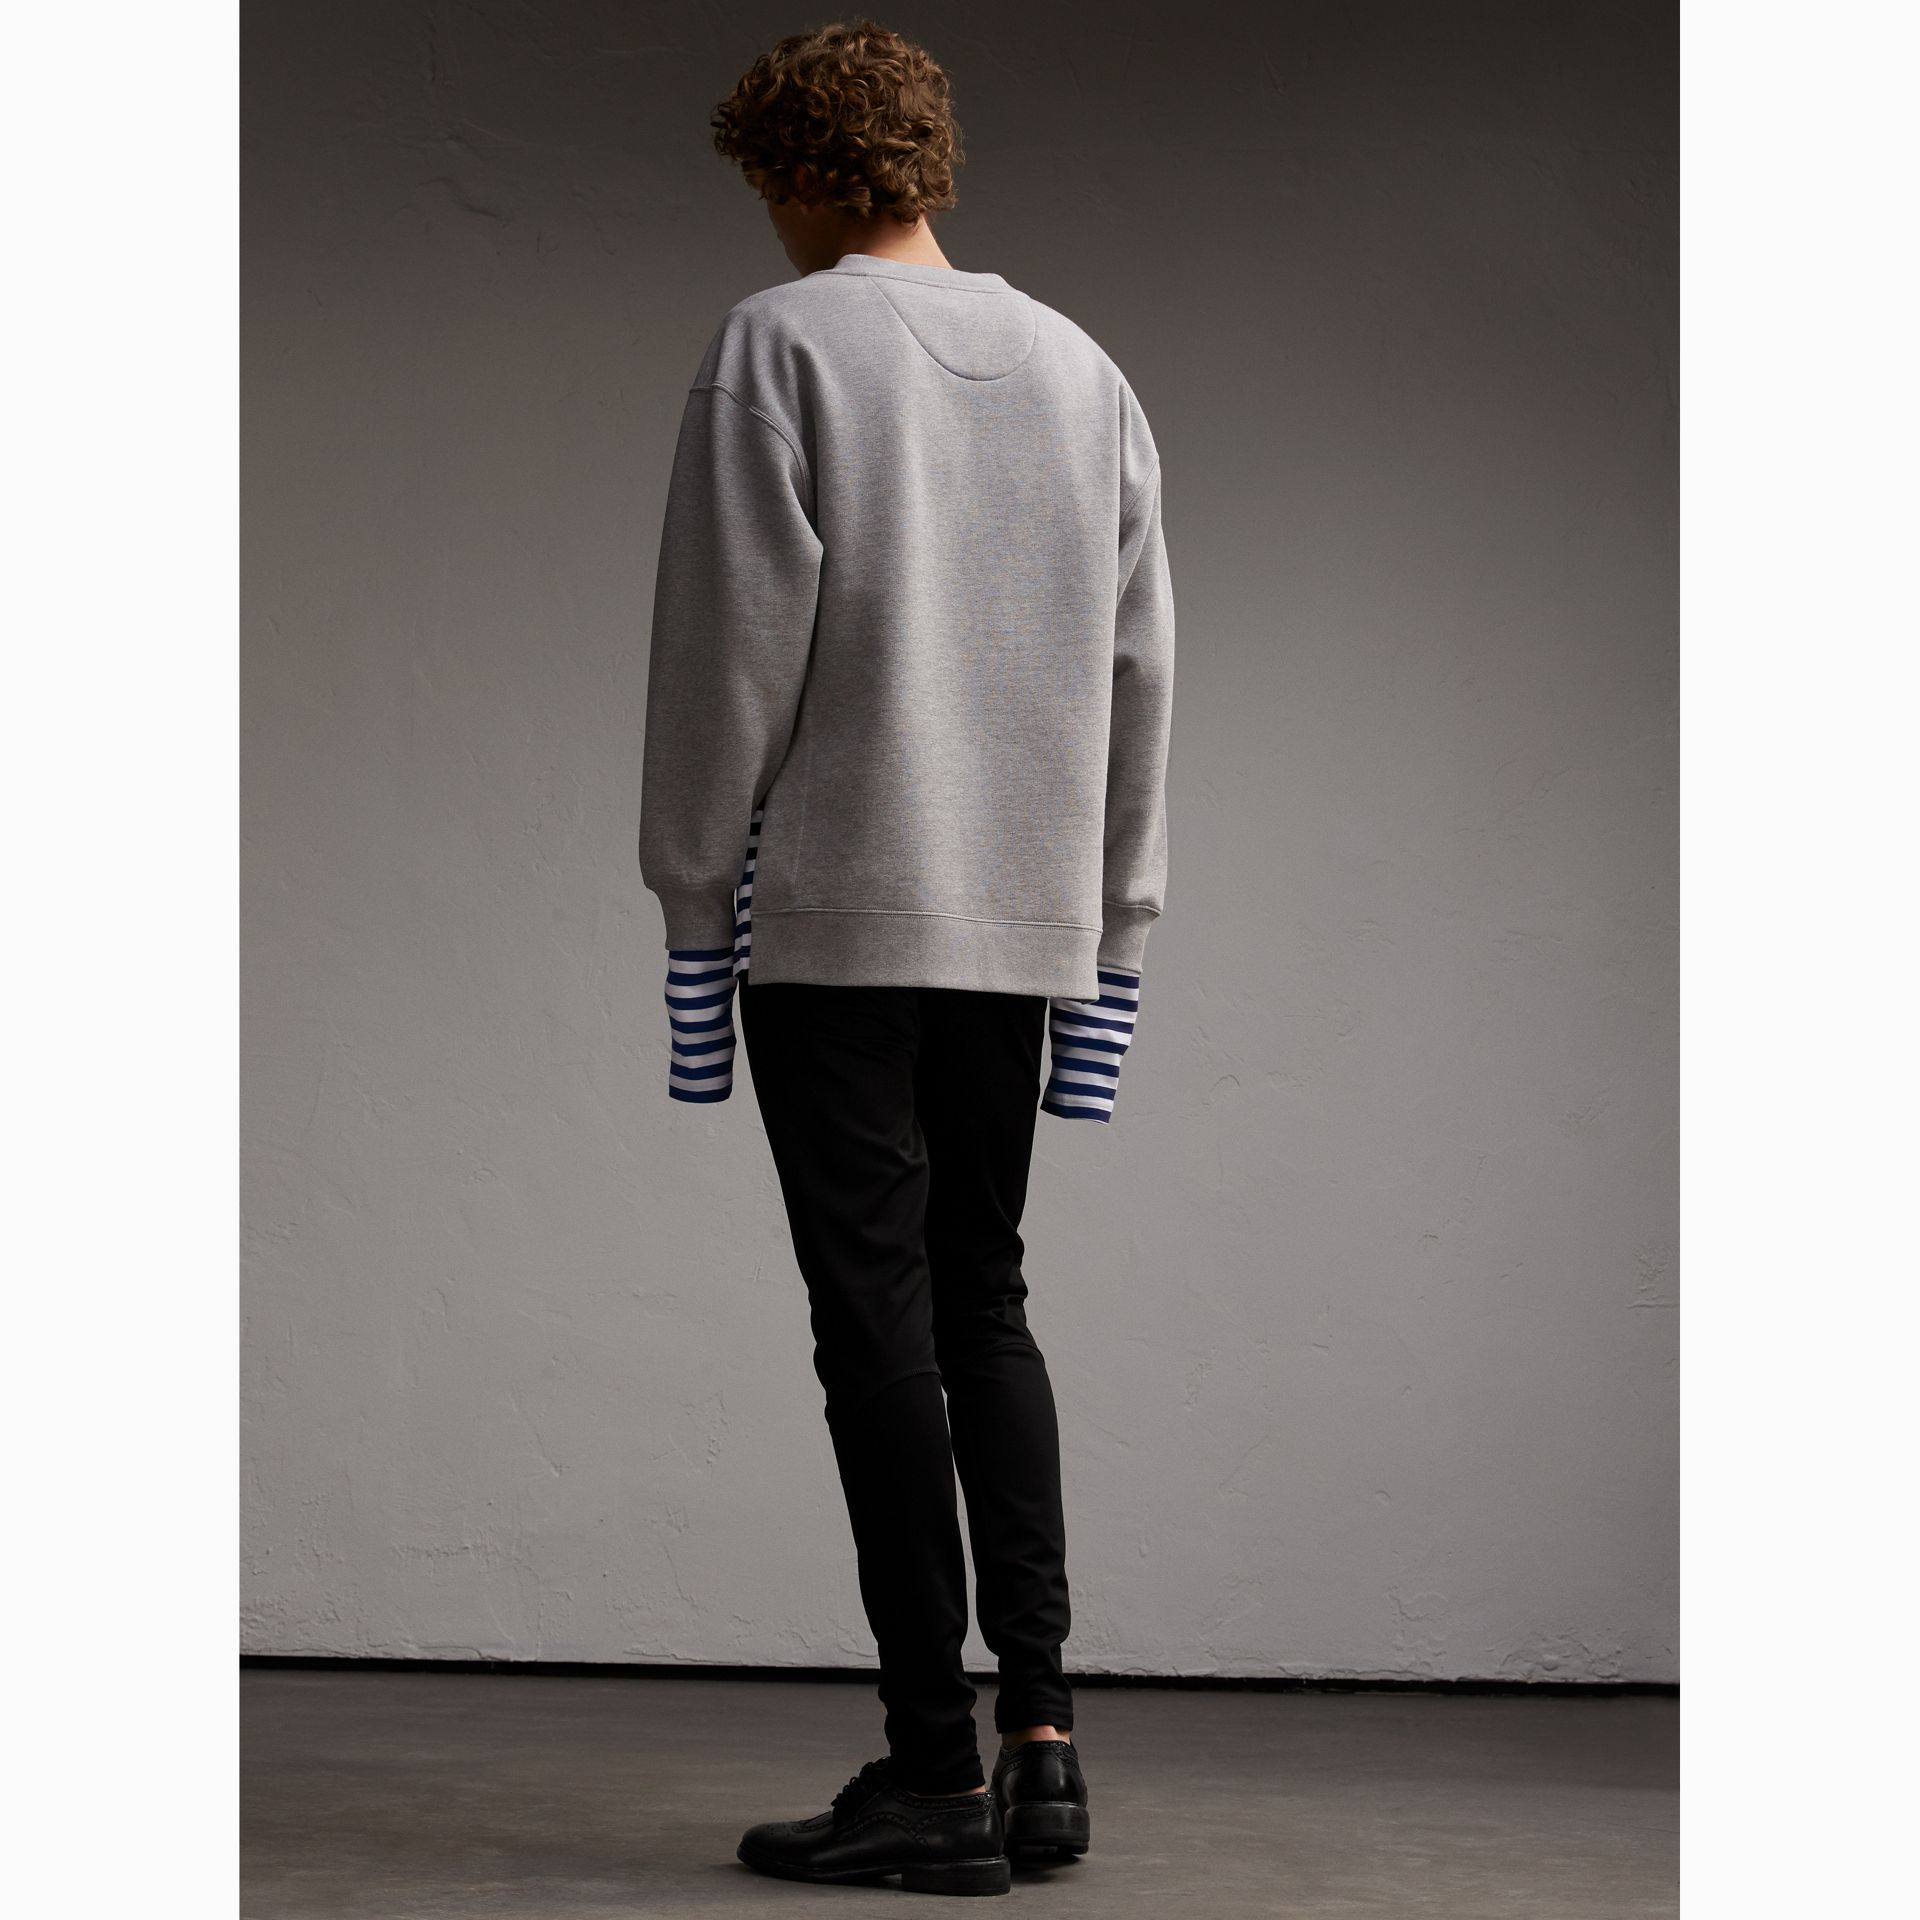 Unisex-Sweatshirt mit Streifenpanel aus Baumwollseide (Grau Meliert) - Herren | Burberry - Galerie-Bild 5